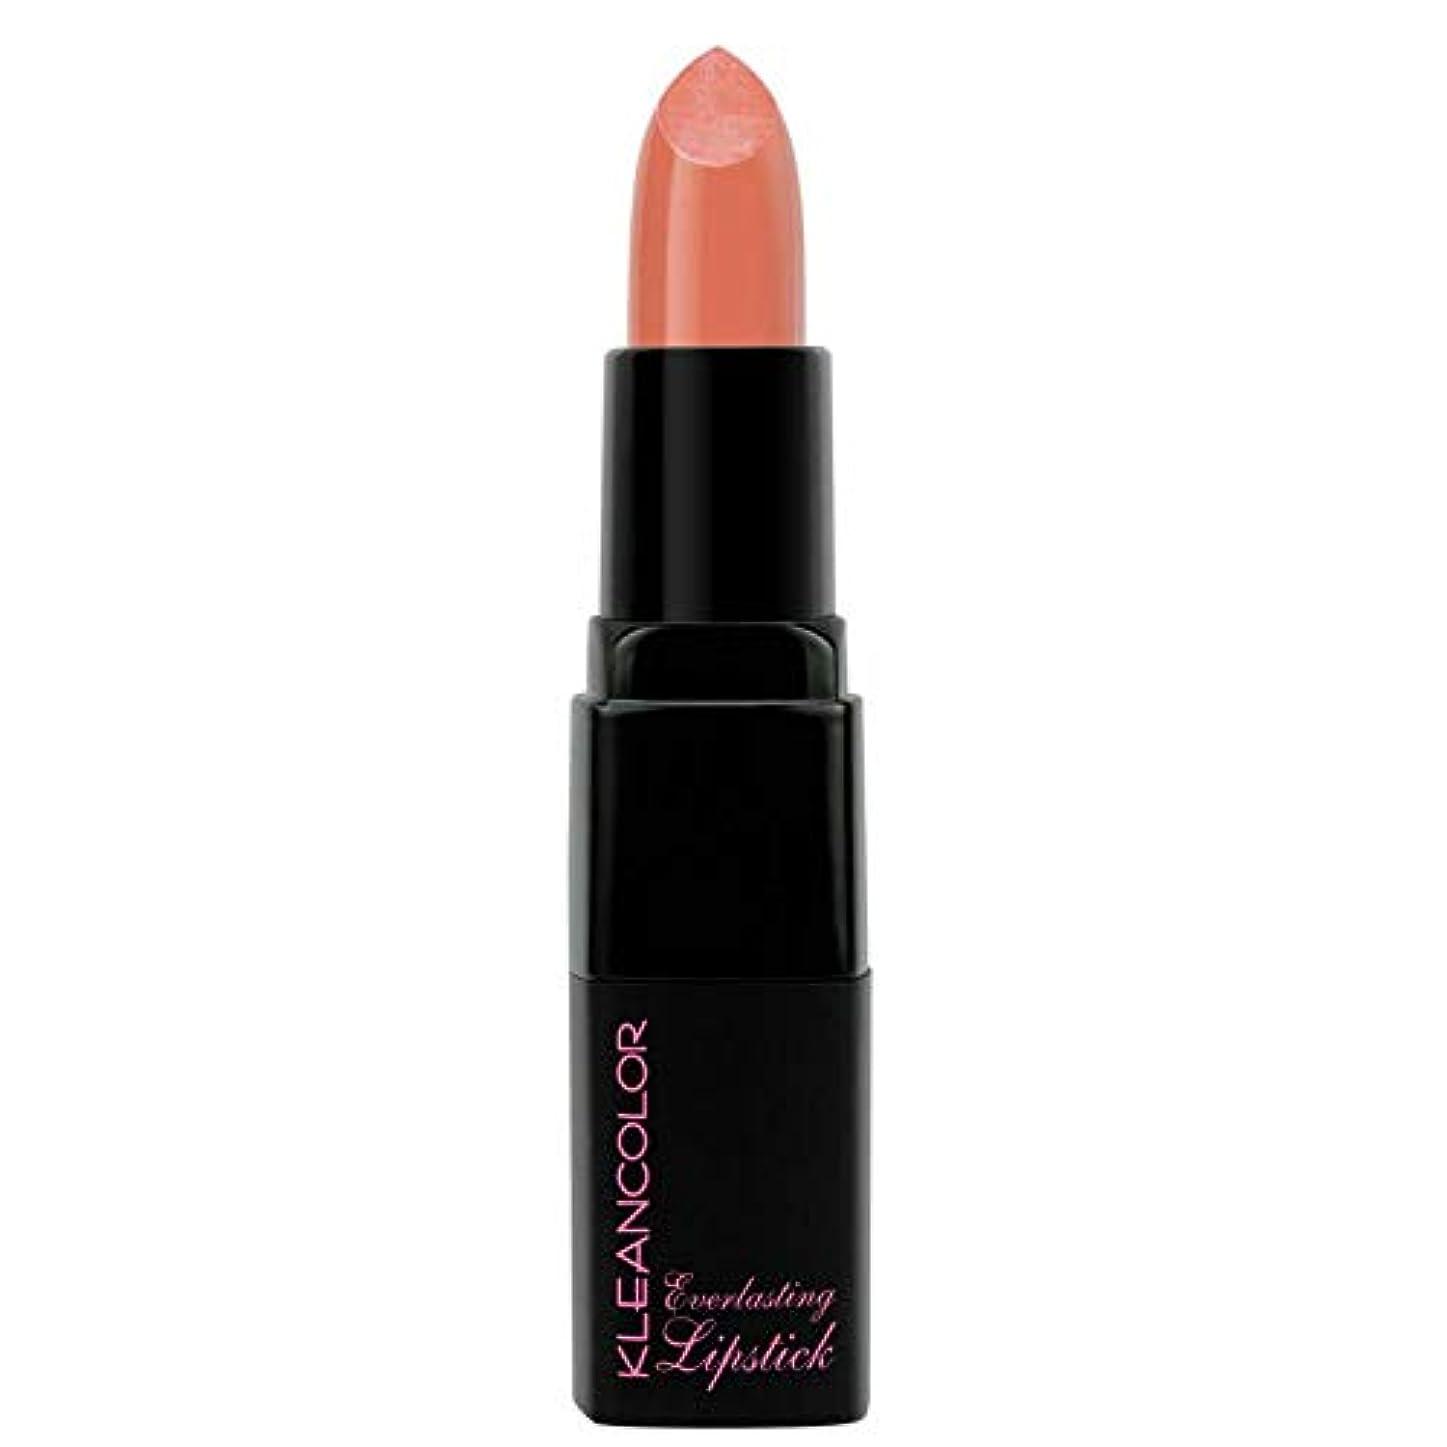 肥沃な悪質なプロットKLEANCOLOR Everlasting Lipstick - Natural (並行輸入品)